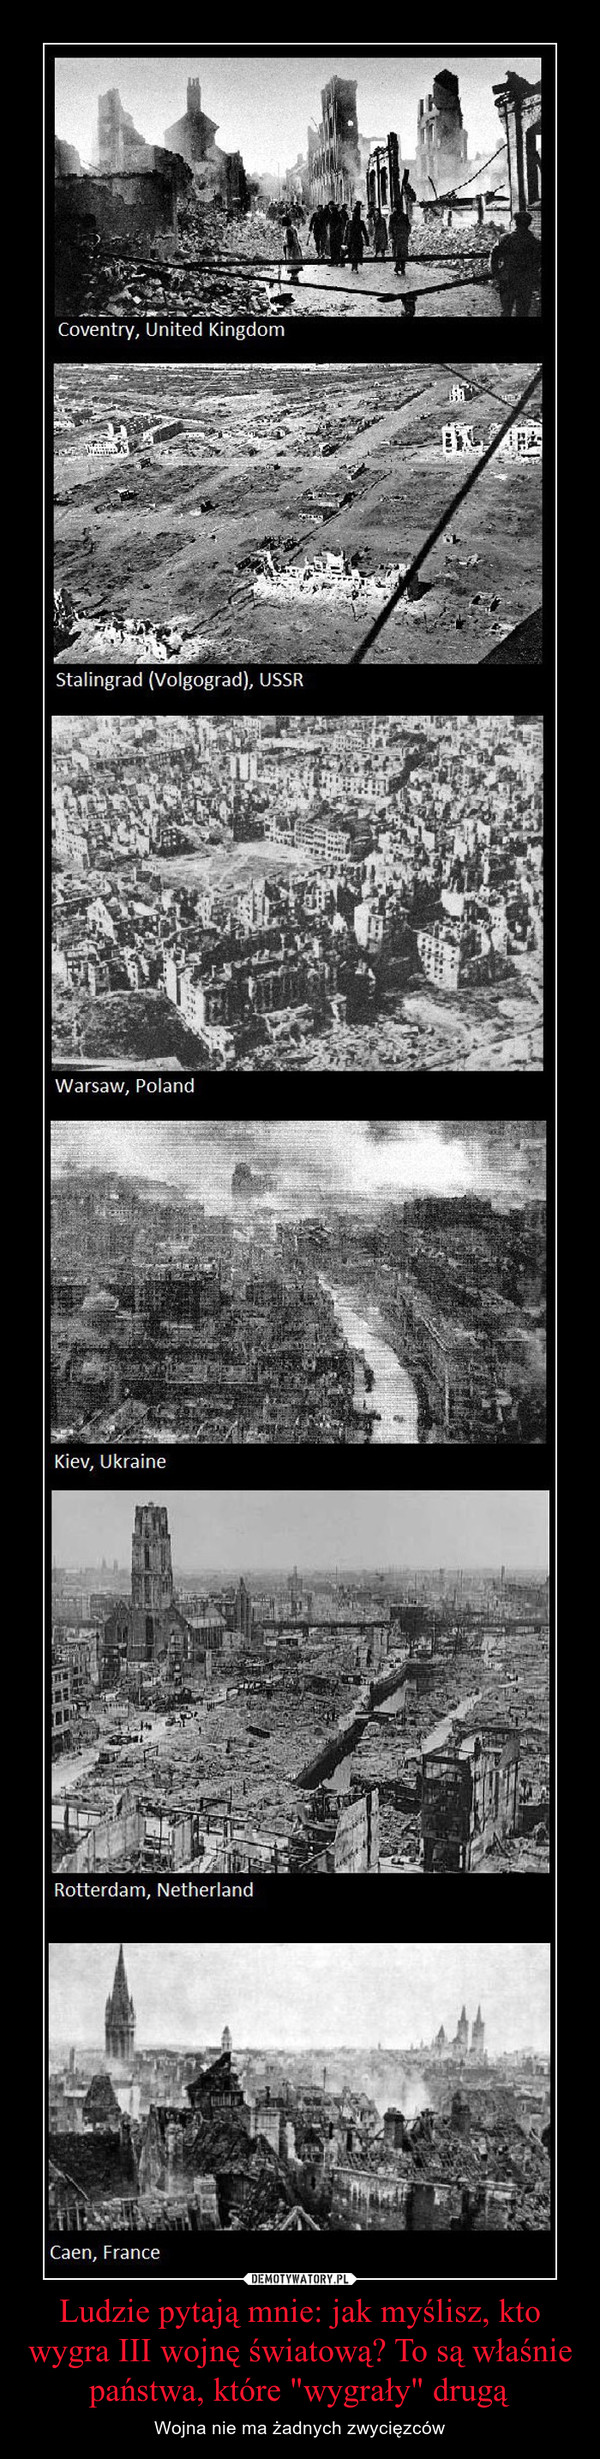 """Ludzie pytają mnie: jak myślisz, kto wygra III wojnę światową? To są właśnie państwa, które """"wygrały"""" drugą – Wojna nie ma żadnych zwycięzców"""